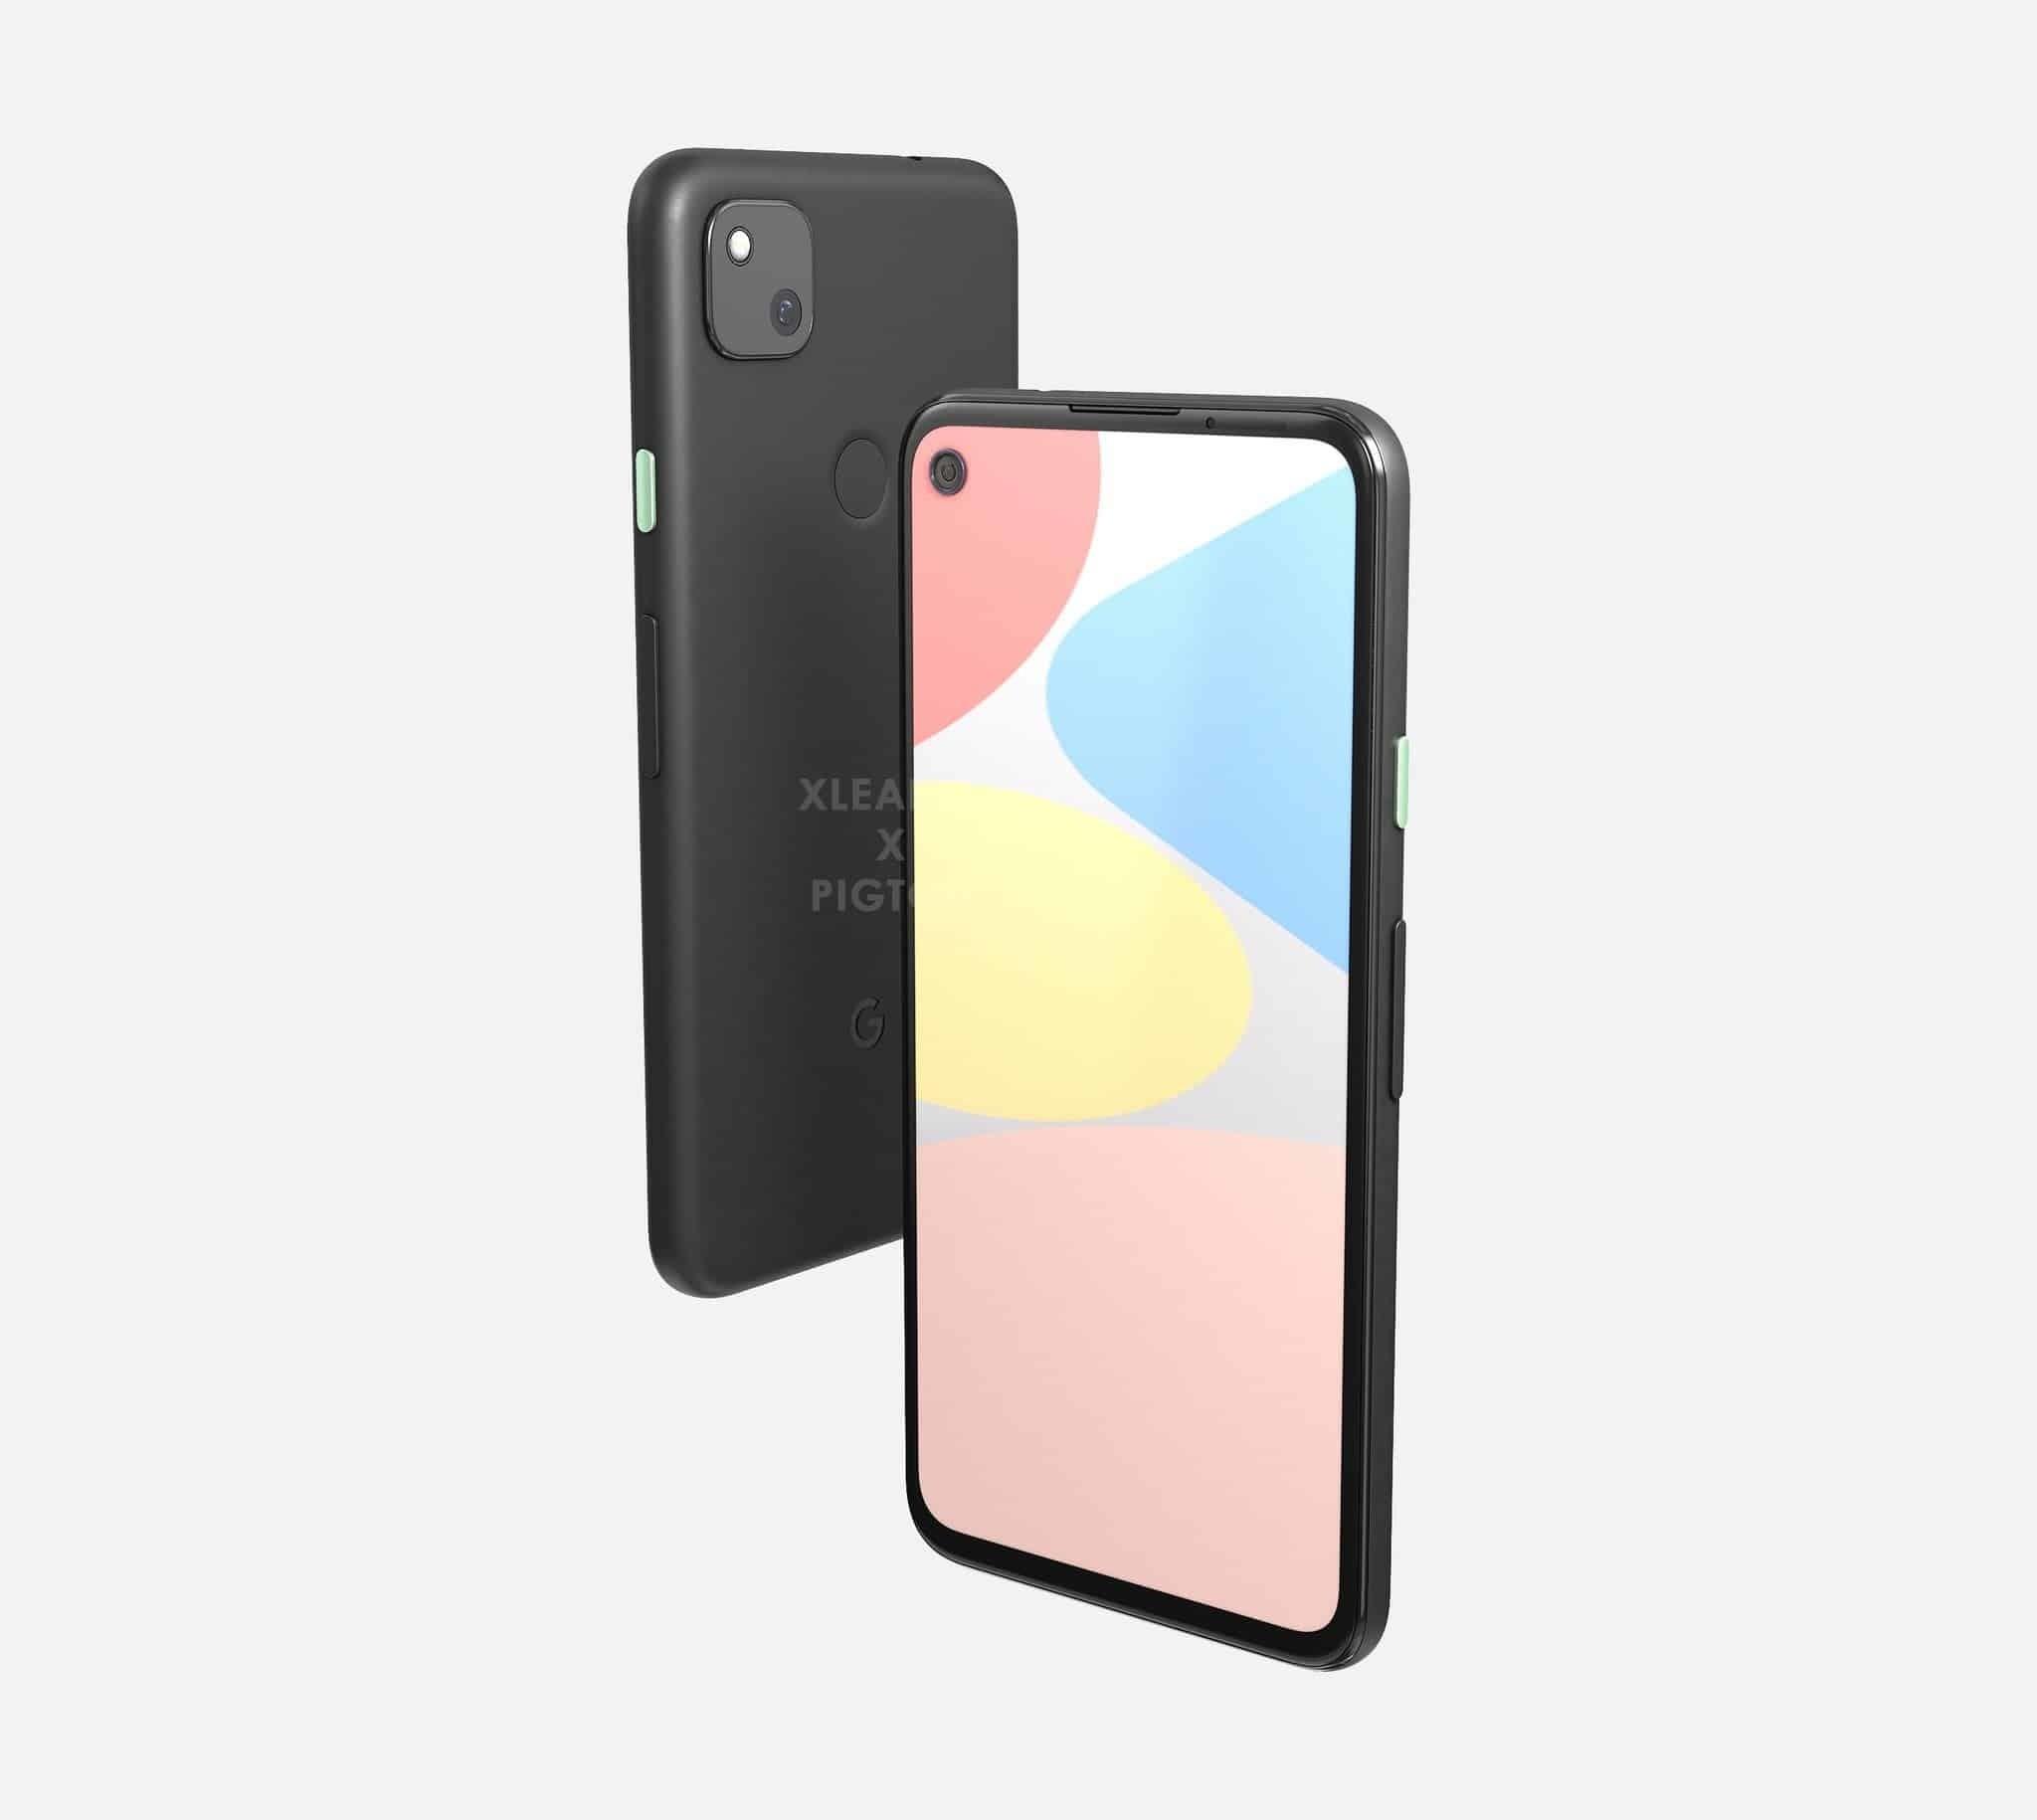 Lộ tin Google sắp tung ra phiên bản smartphone giá rẻ gây sốt - 09873.09873